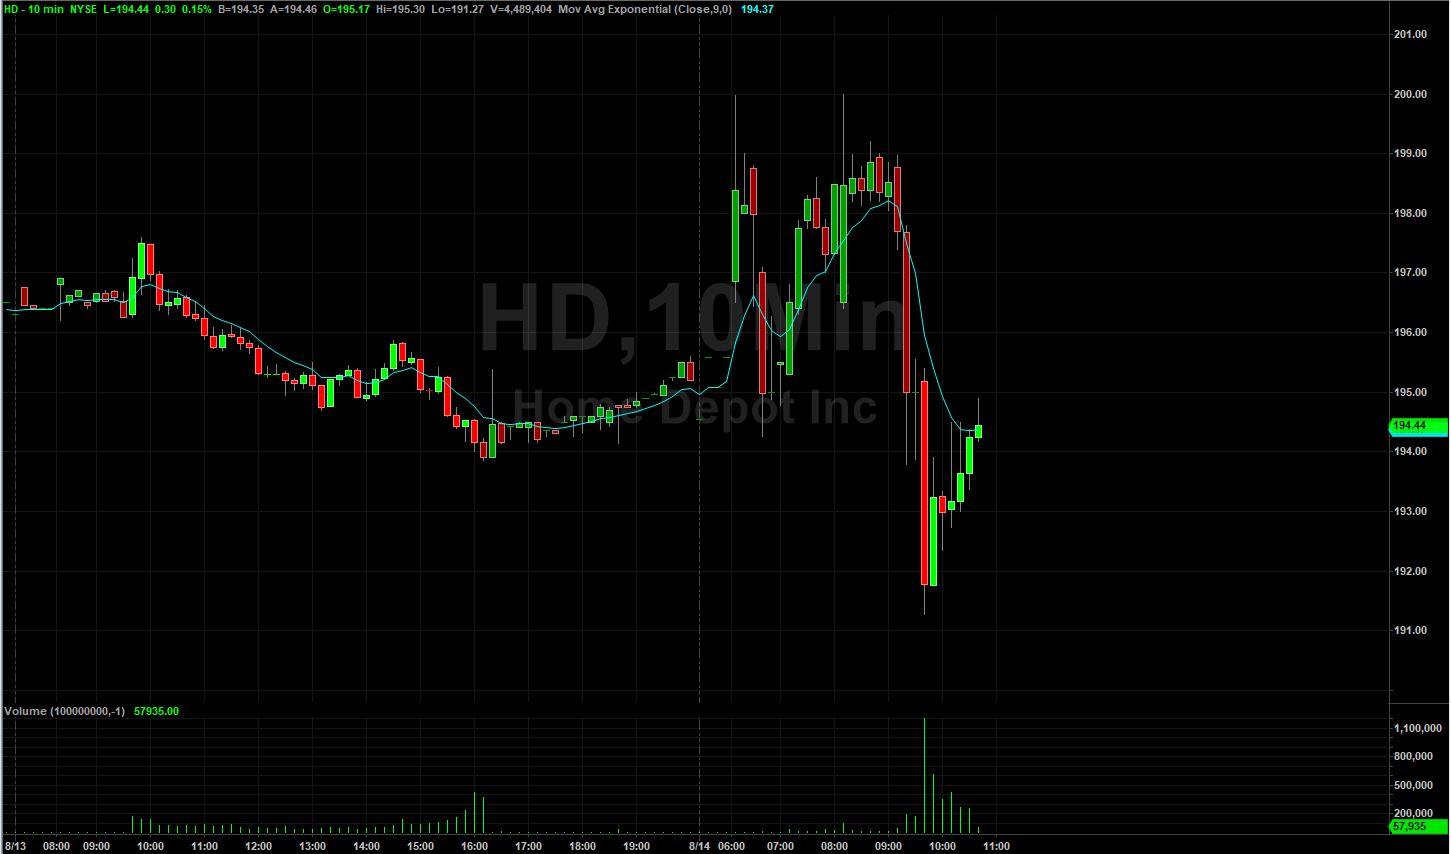 Home Depot Stock Chart